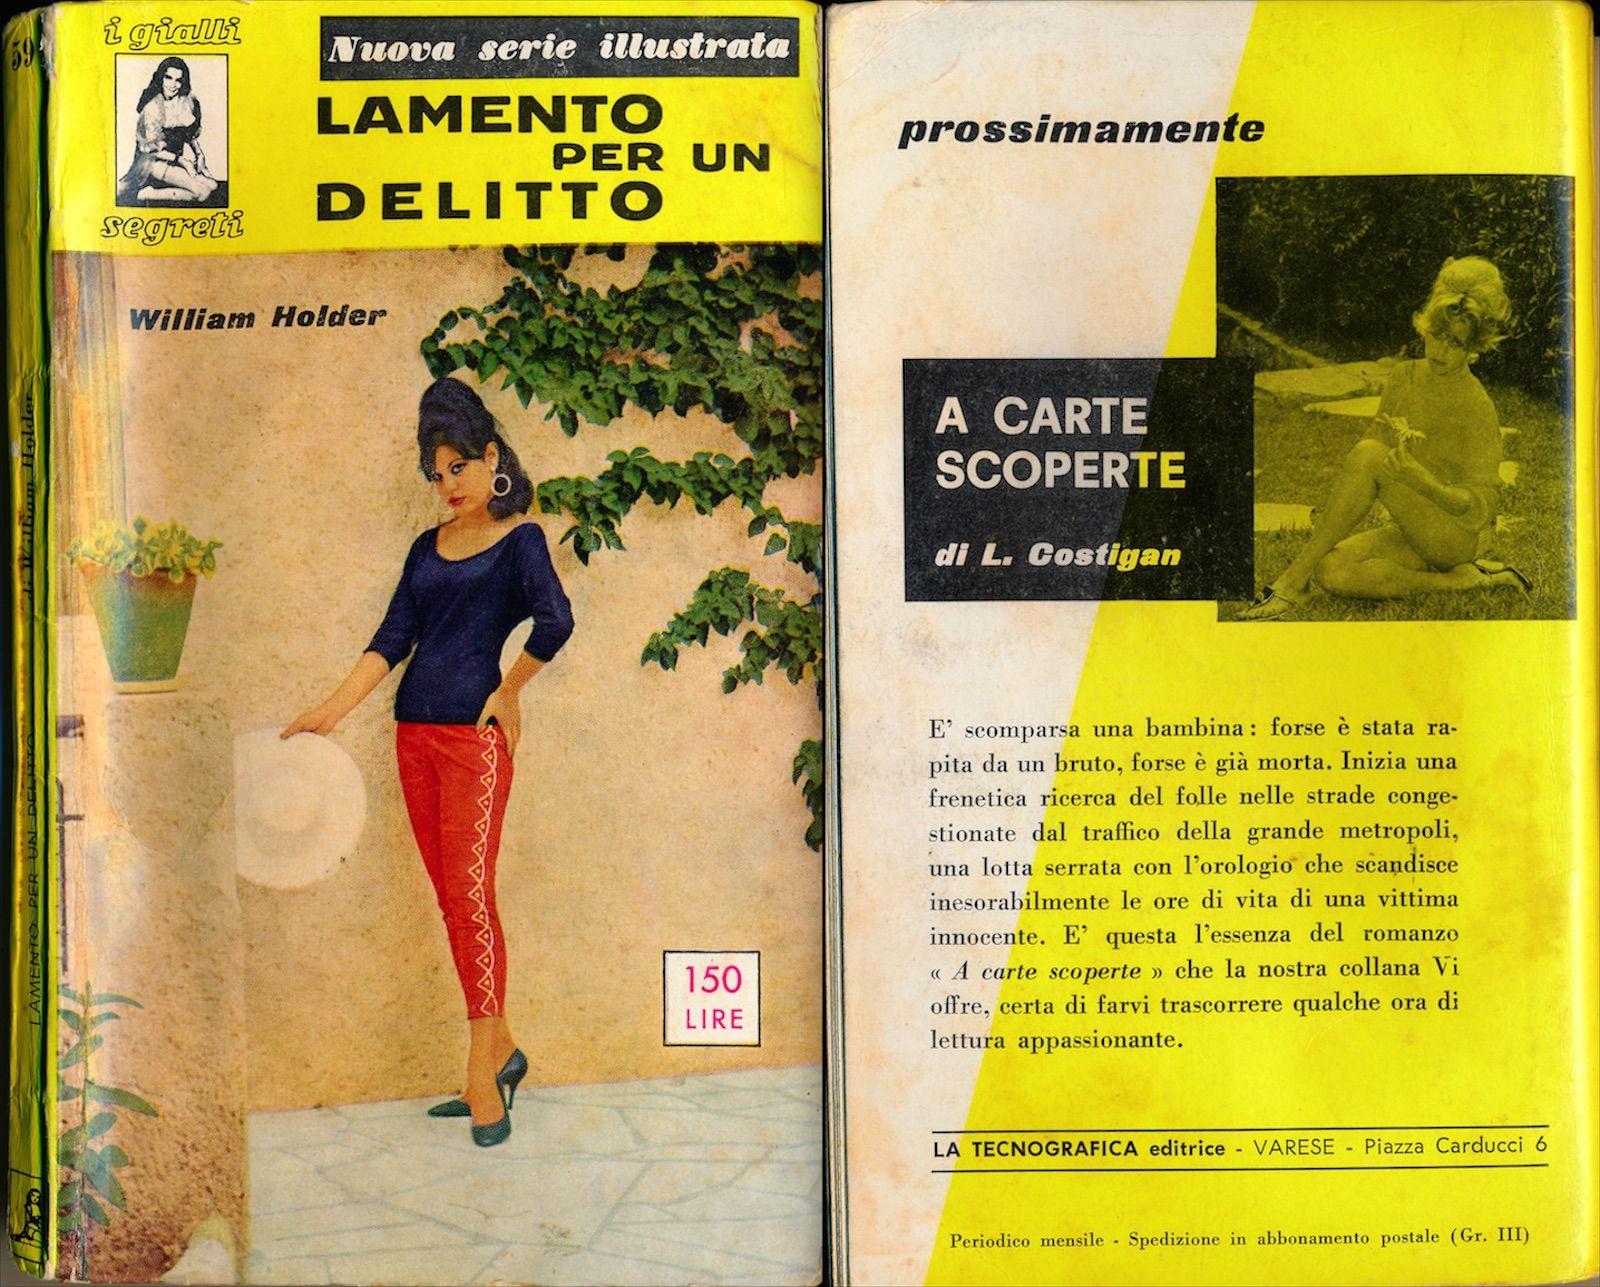 9ccbd4c07 Lamento per un delitto  The Case of the Dead Divorcee  (Vintage Italian  digest paperback)